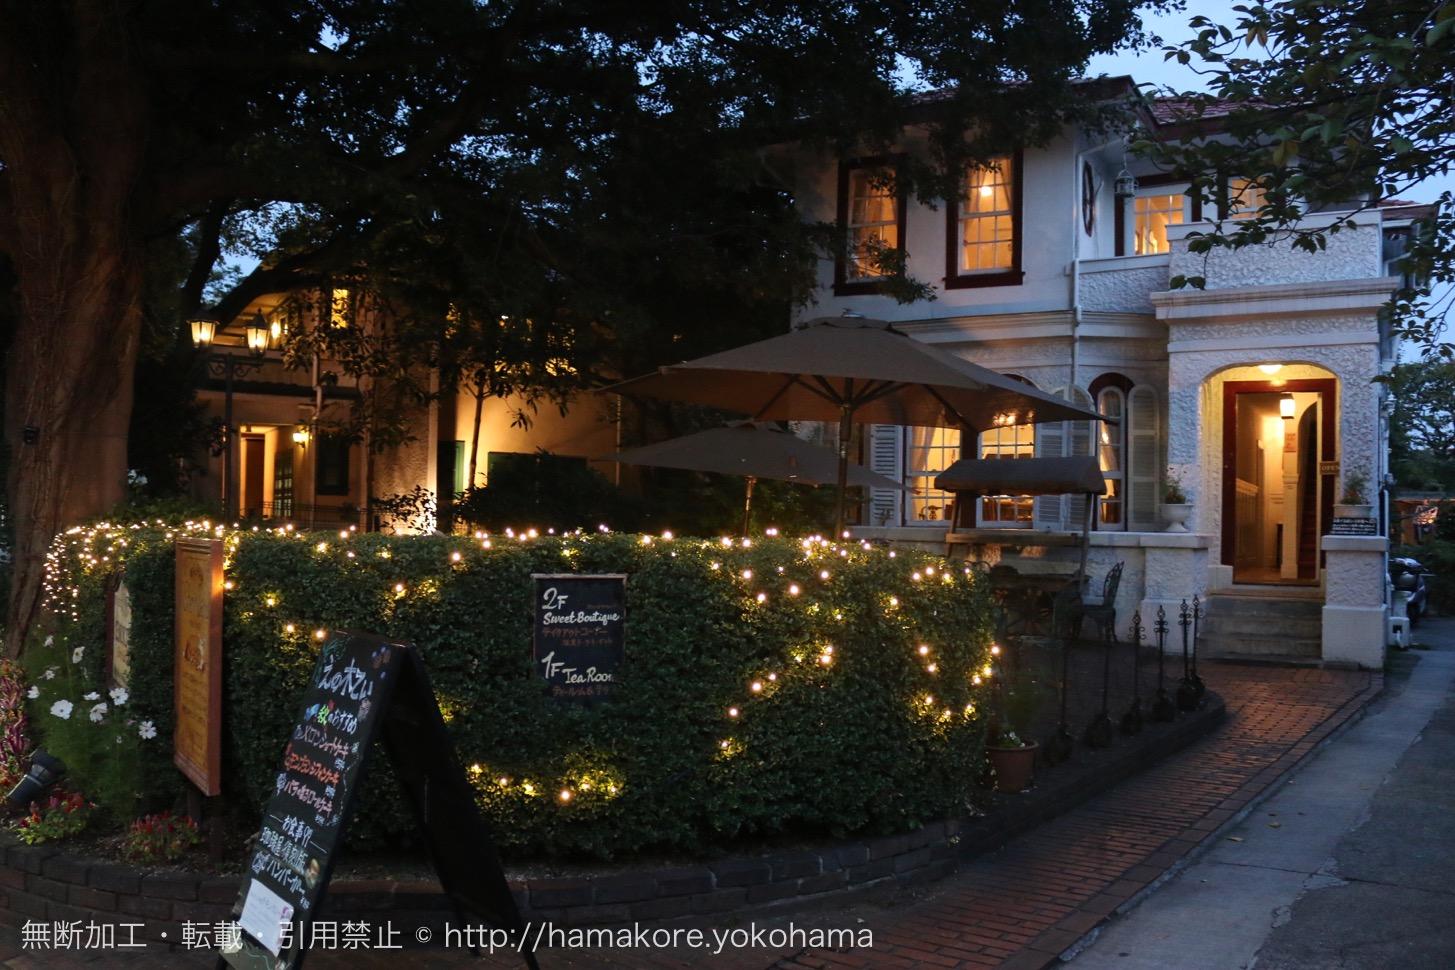 横浜山手の「えの木てい」は洋館の雰囲気溢れた人気洋菓子カフェ